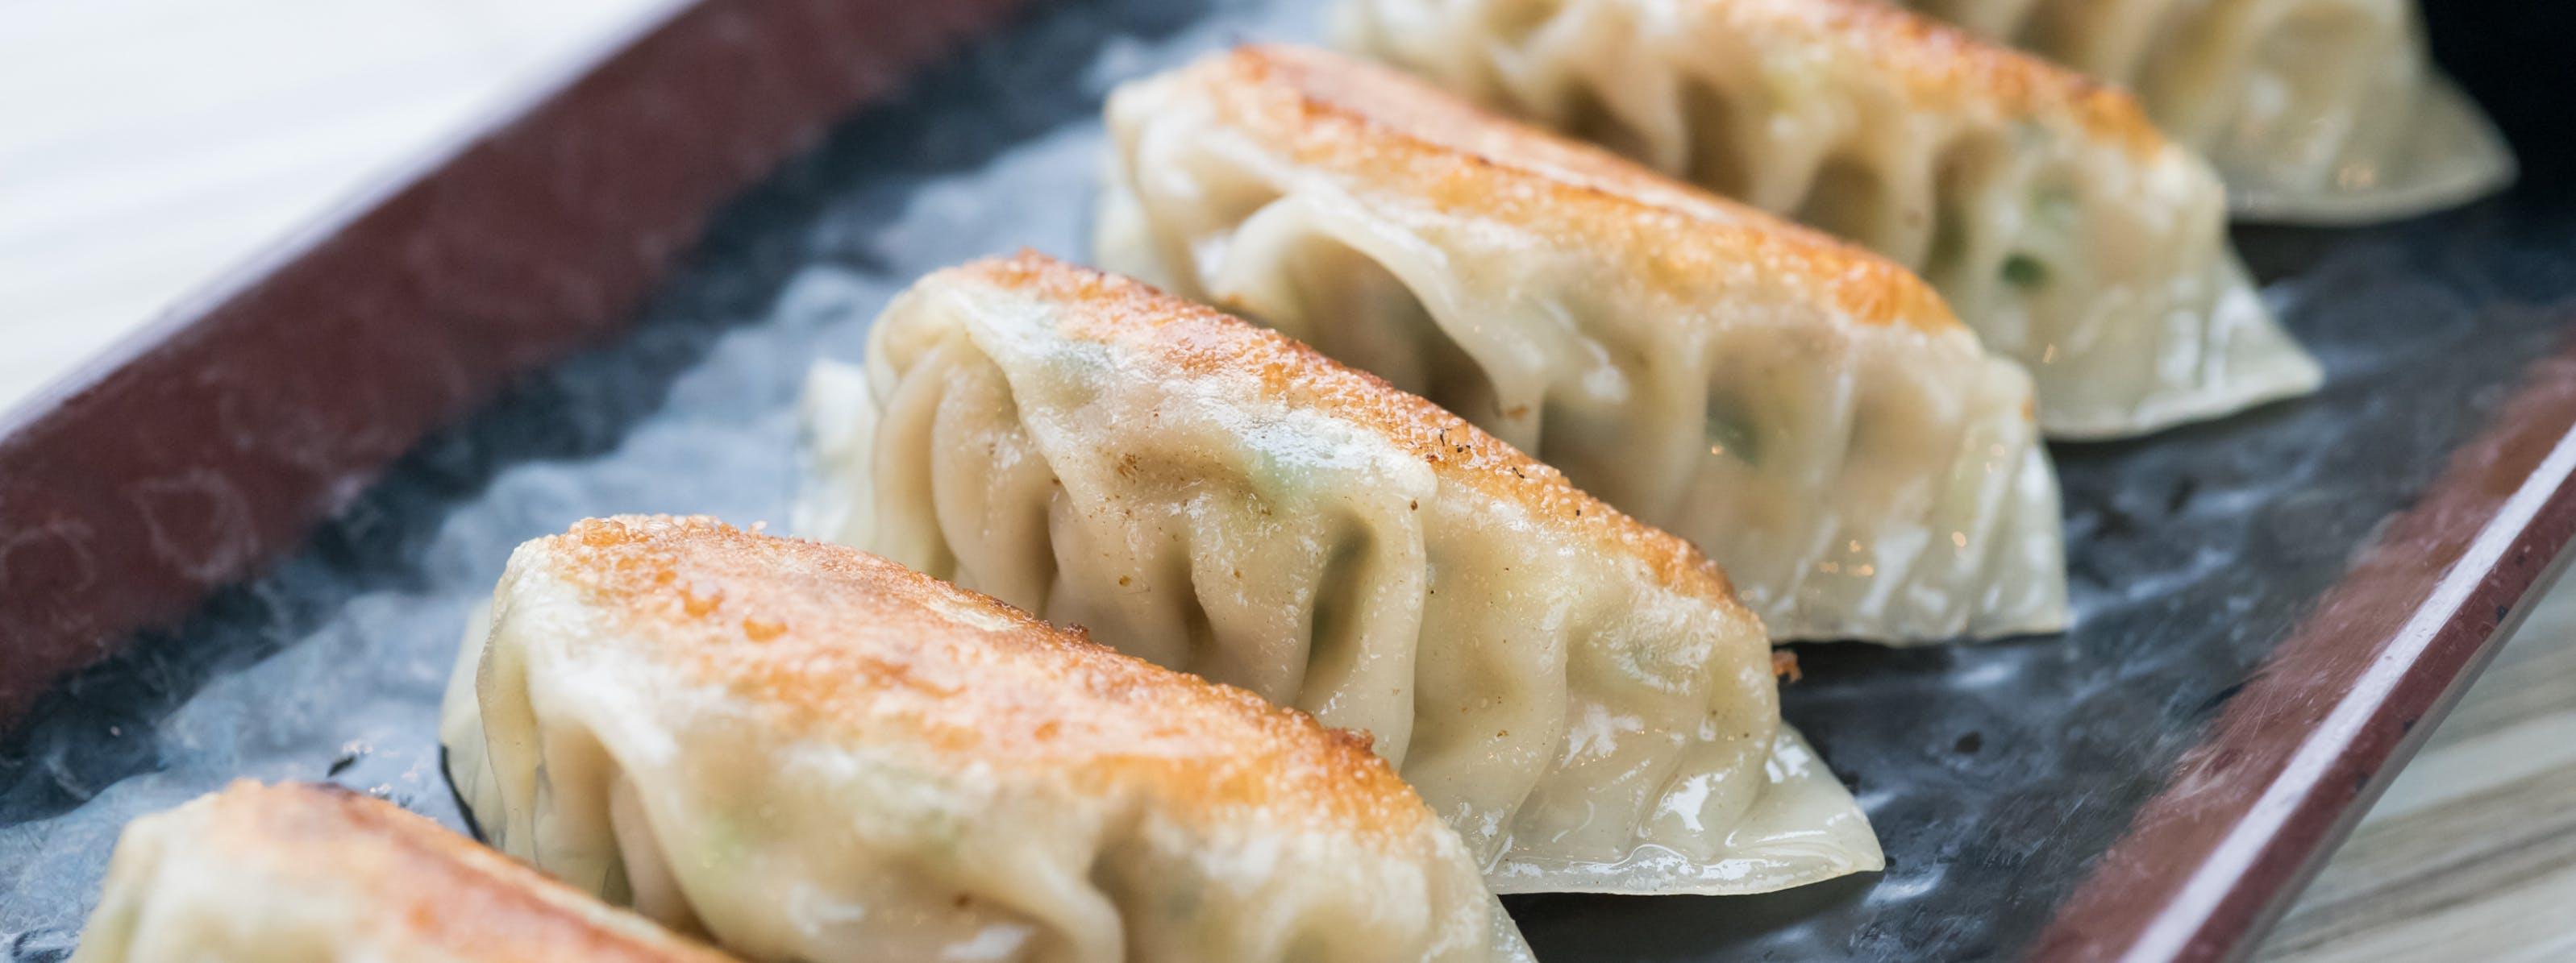 The Best Dumplings In Seattle - Seattle - The Infatuation